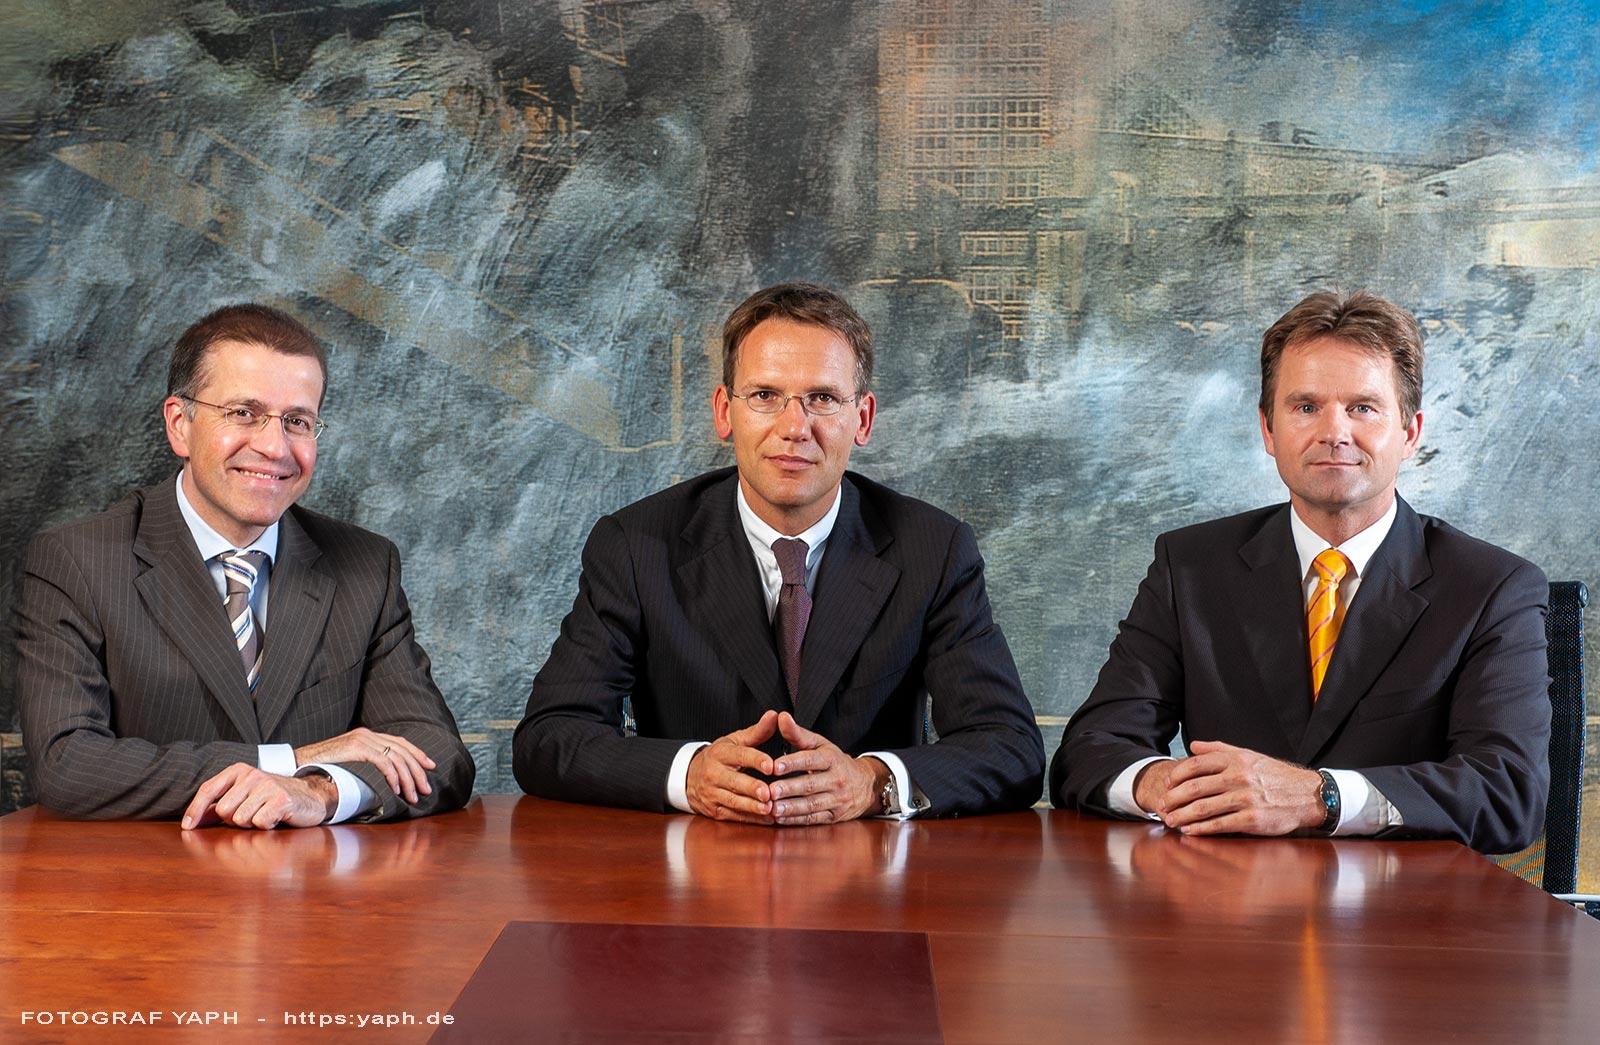 Business Photography, Fotograf für Firmen, Businessfotografie, Werbefotografie, Fotos für Website, b2b Fotografie, Firmenporträts, Editorial photography